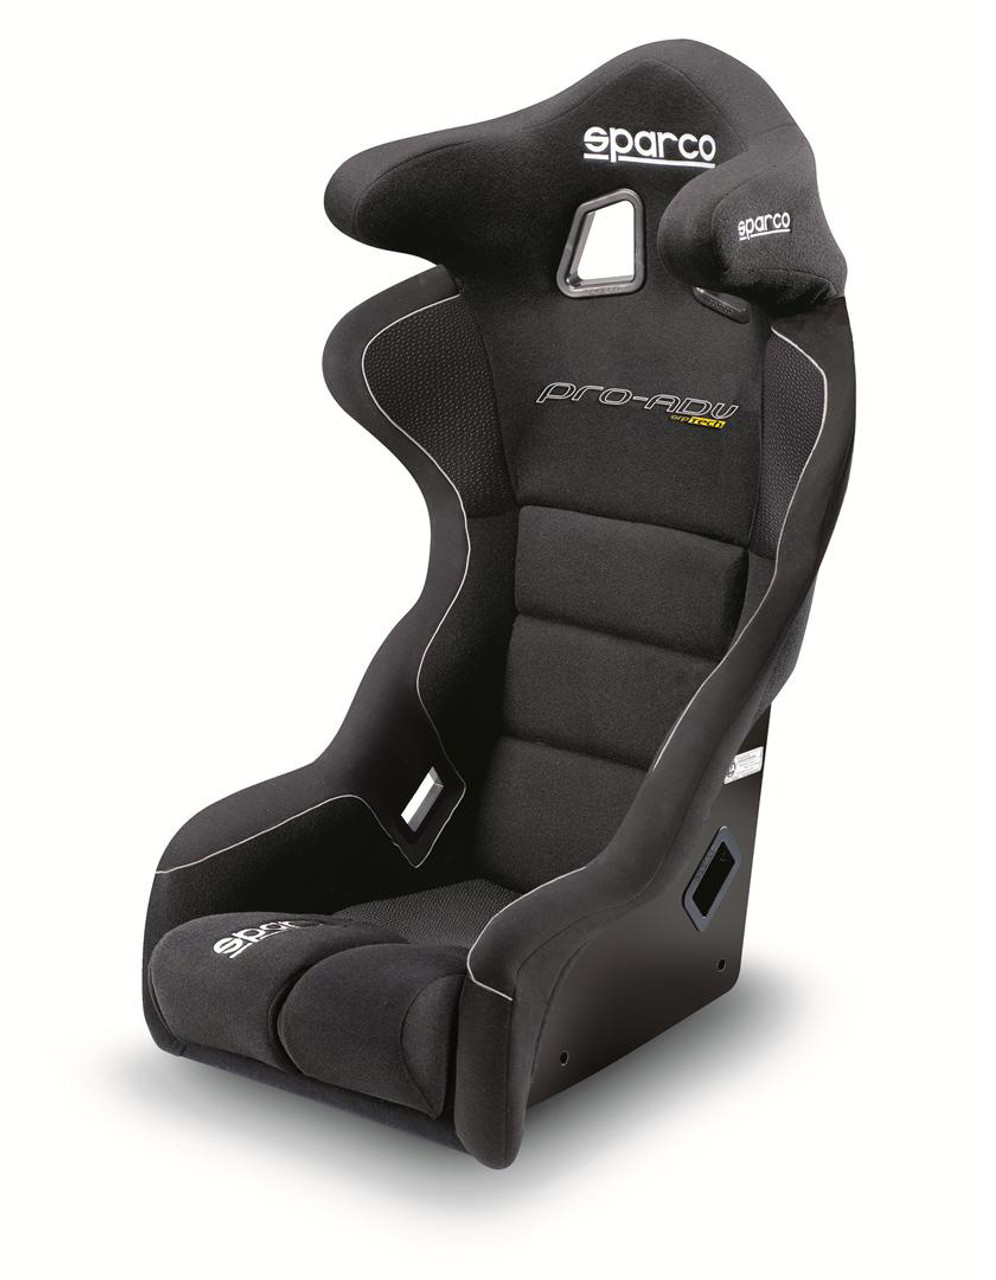 Sparco Pro-ADV Seat